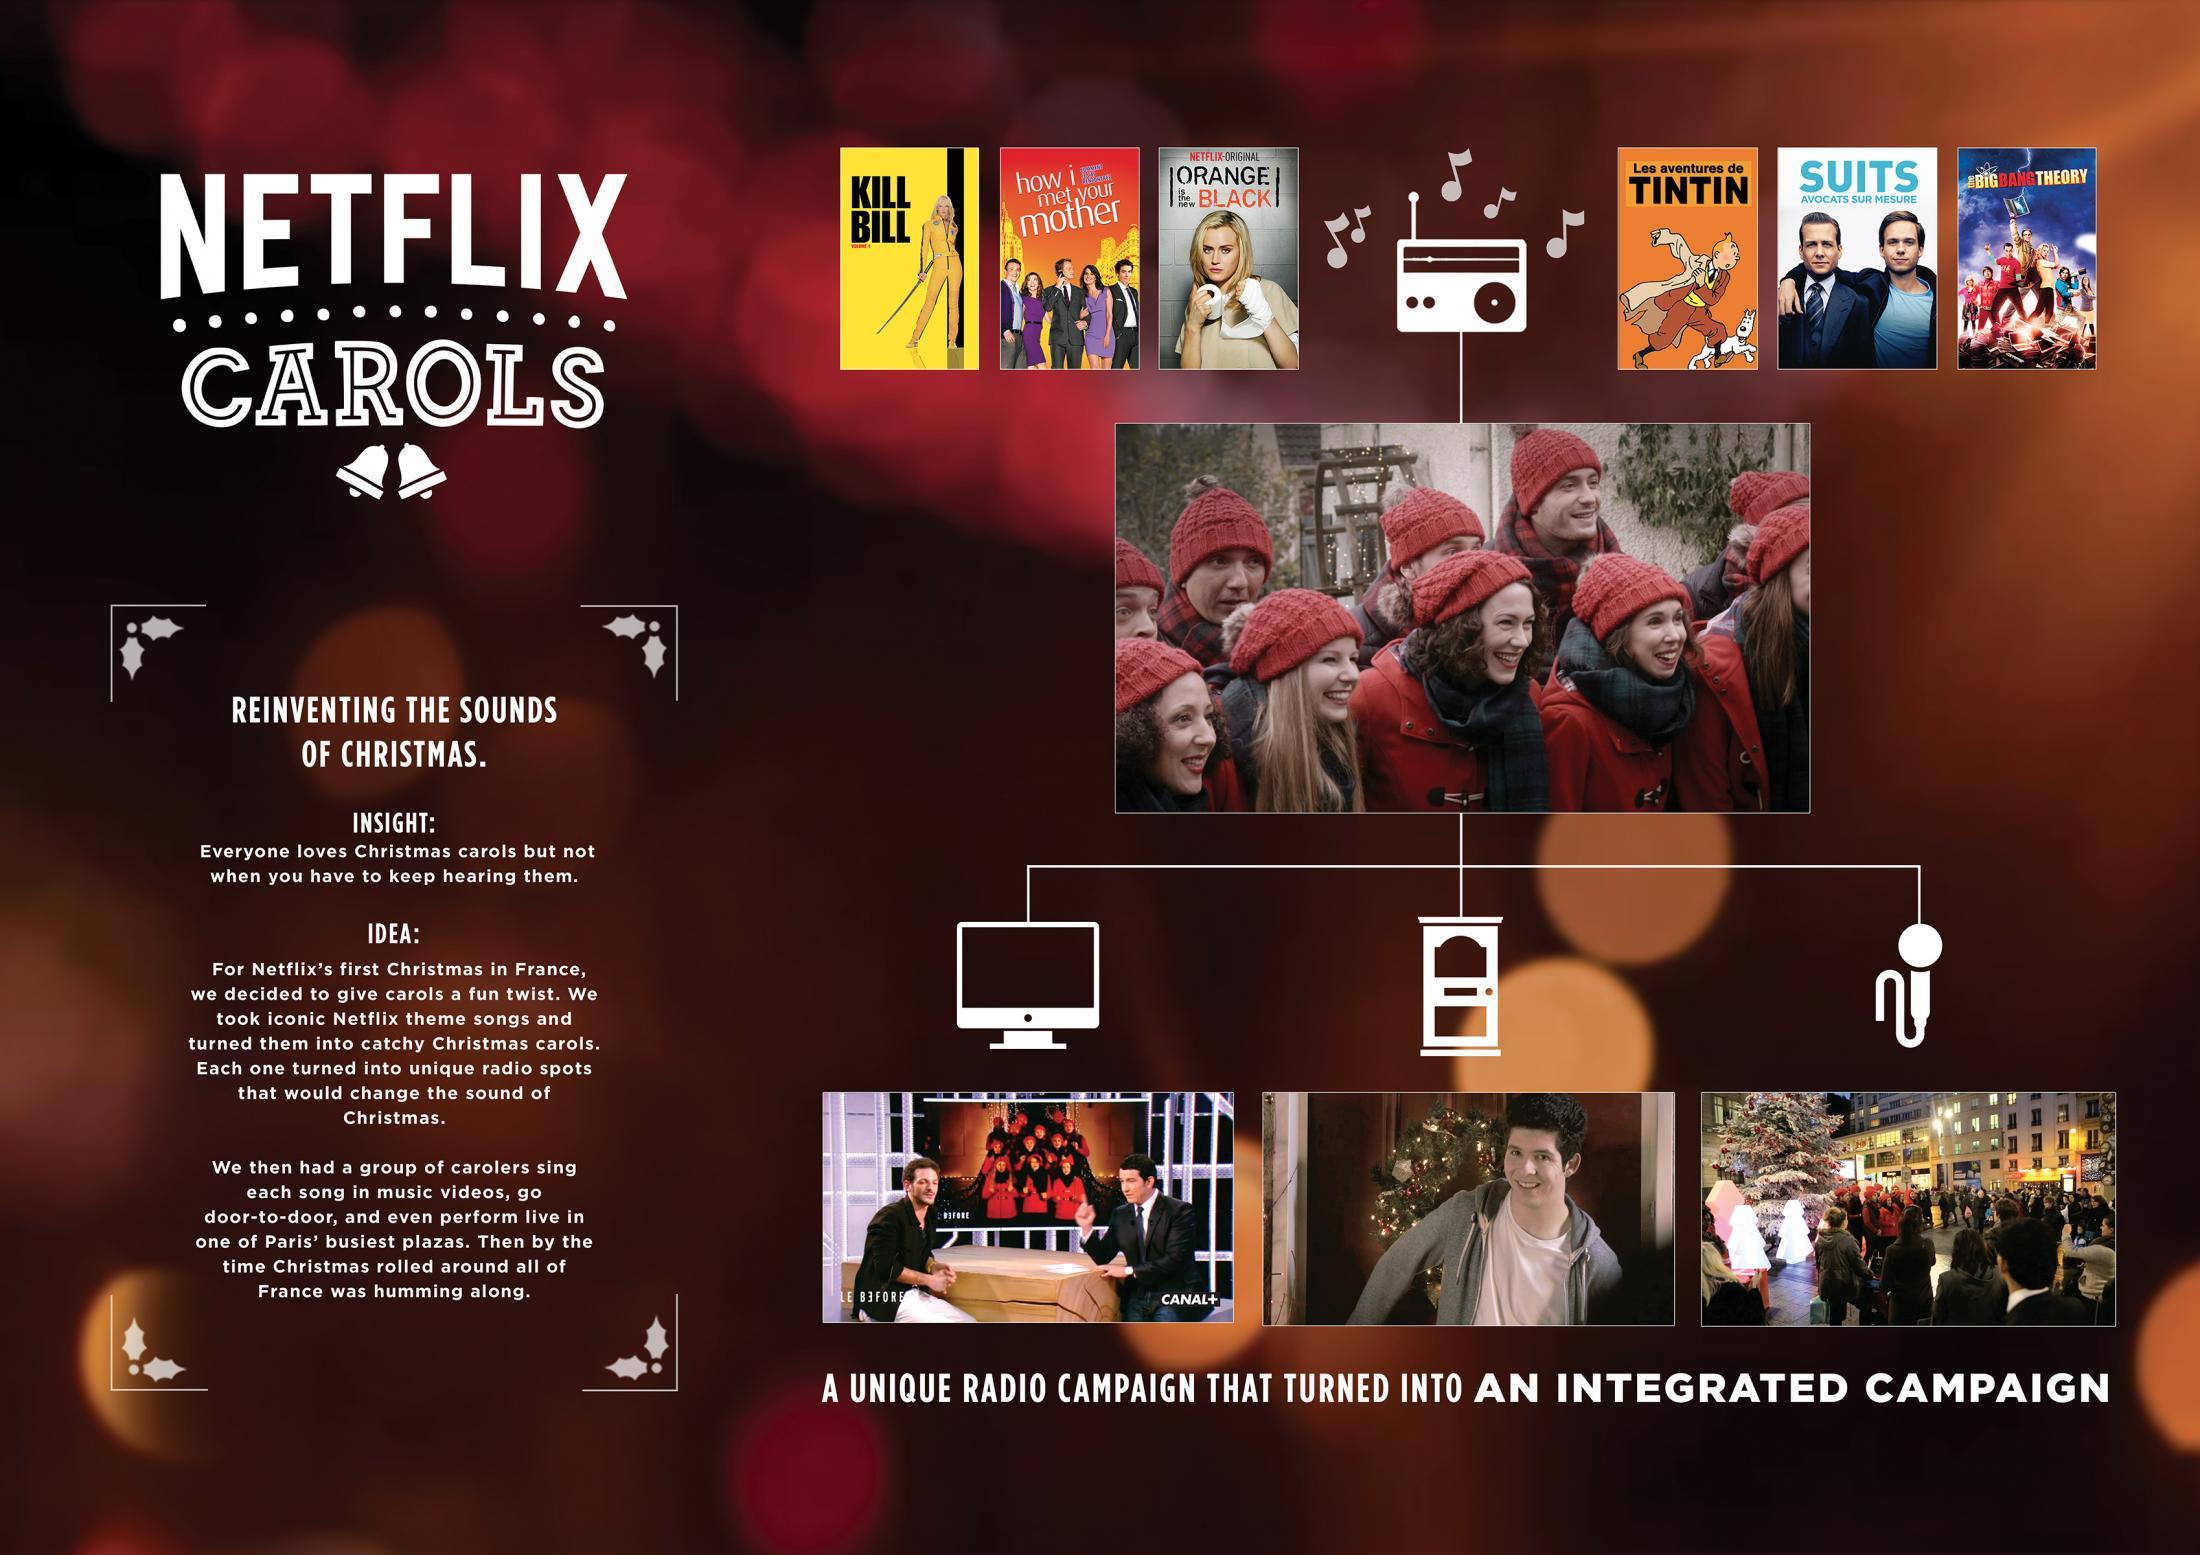 Thumbnail for NETFLIX CHRISTMAS CAROLS - THE BIG BANG THEORY